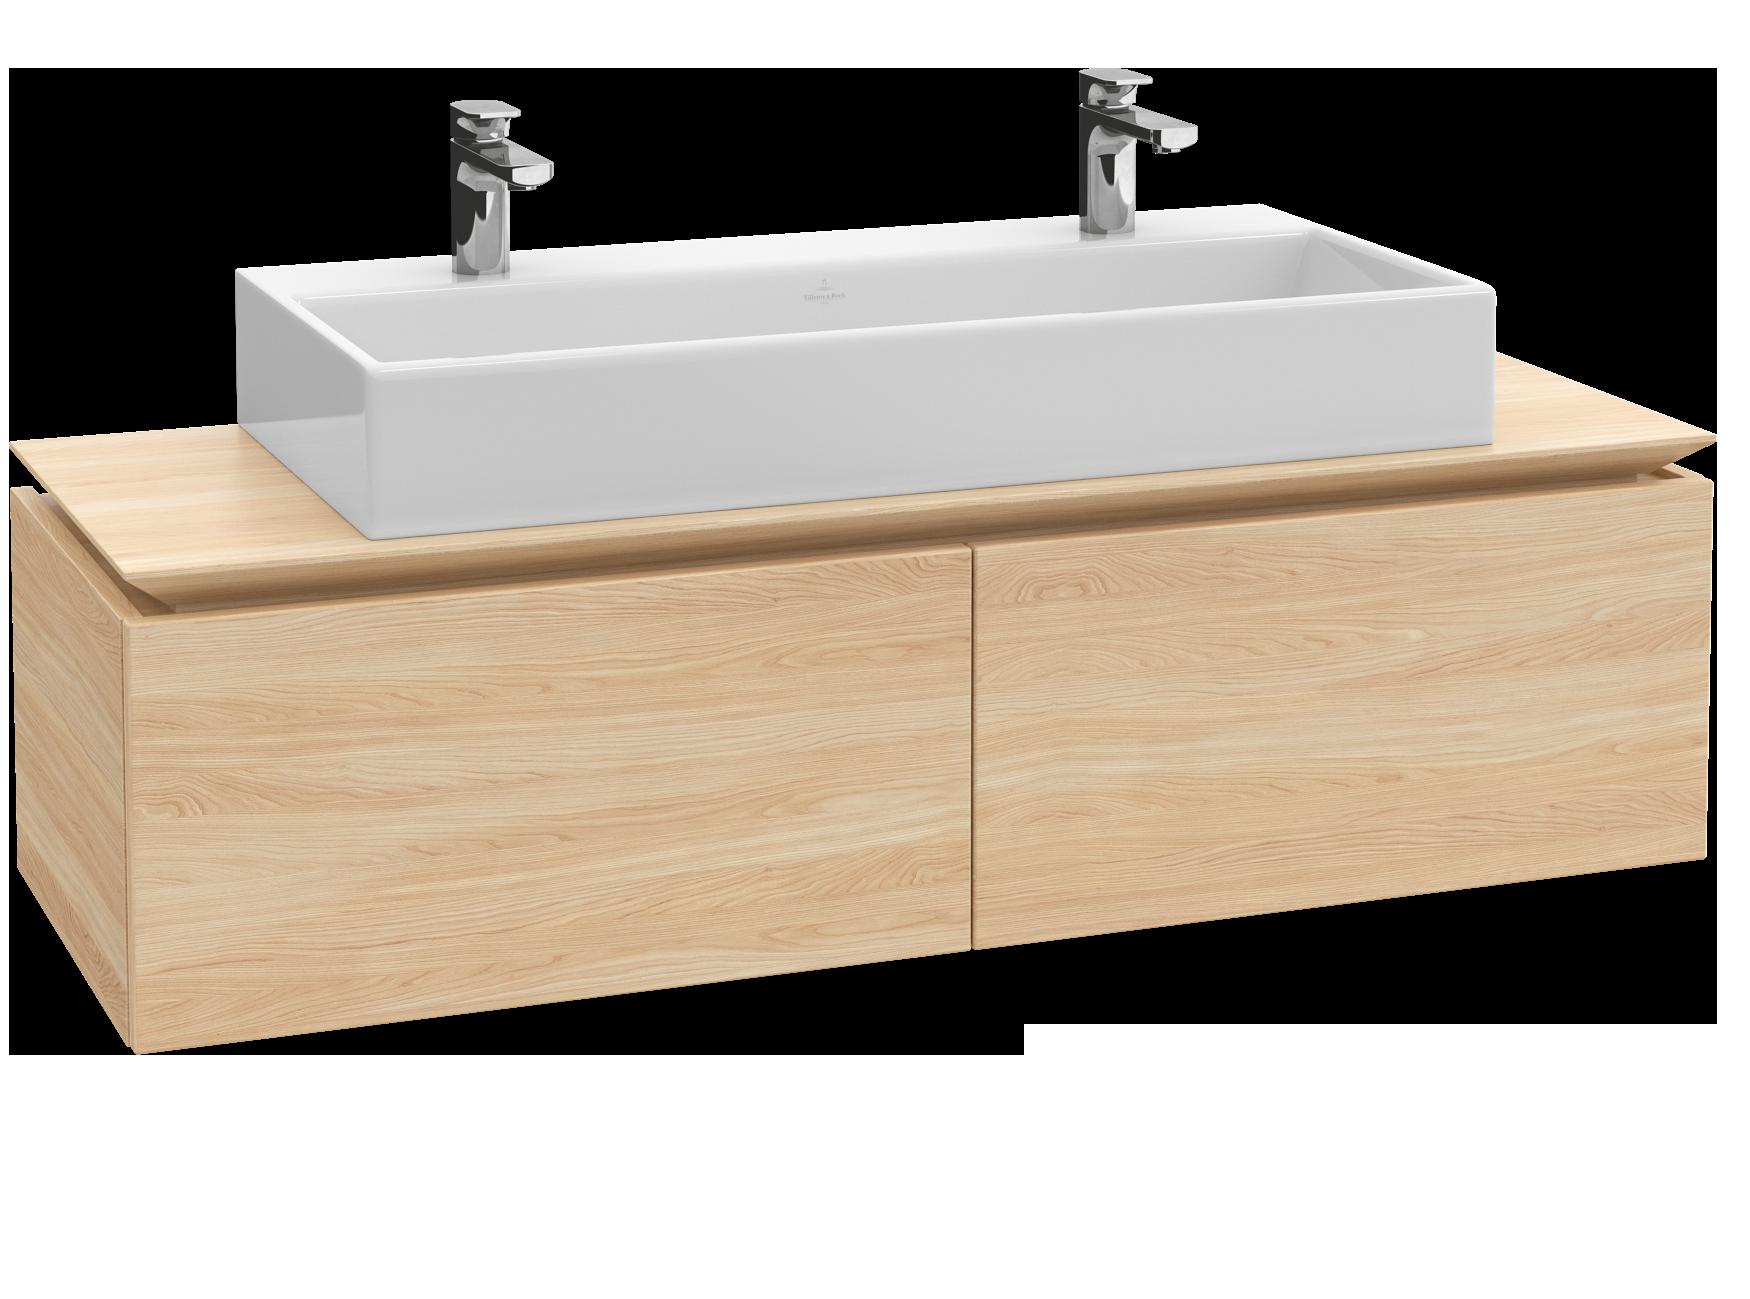 legato waschtischunterschrank b14100 villeroy boch. Black Bedroom Furniture Sets. Home Design Ideas